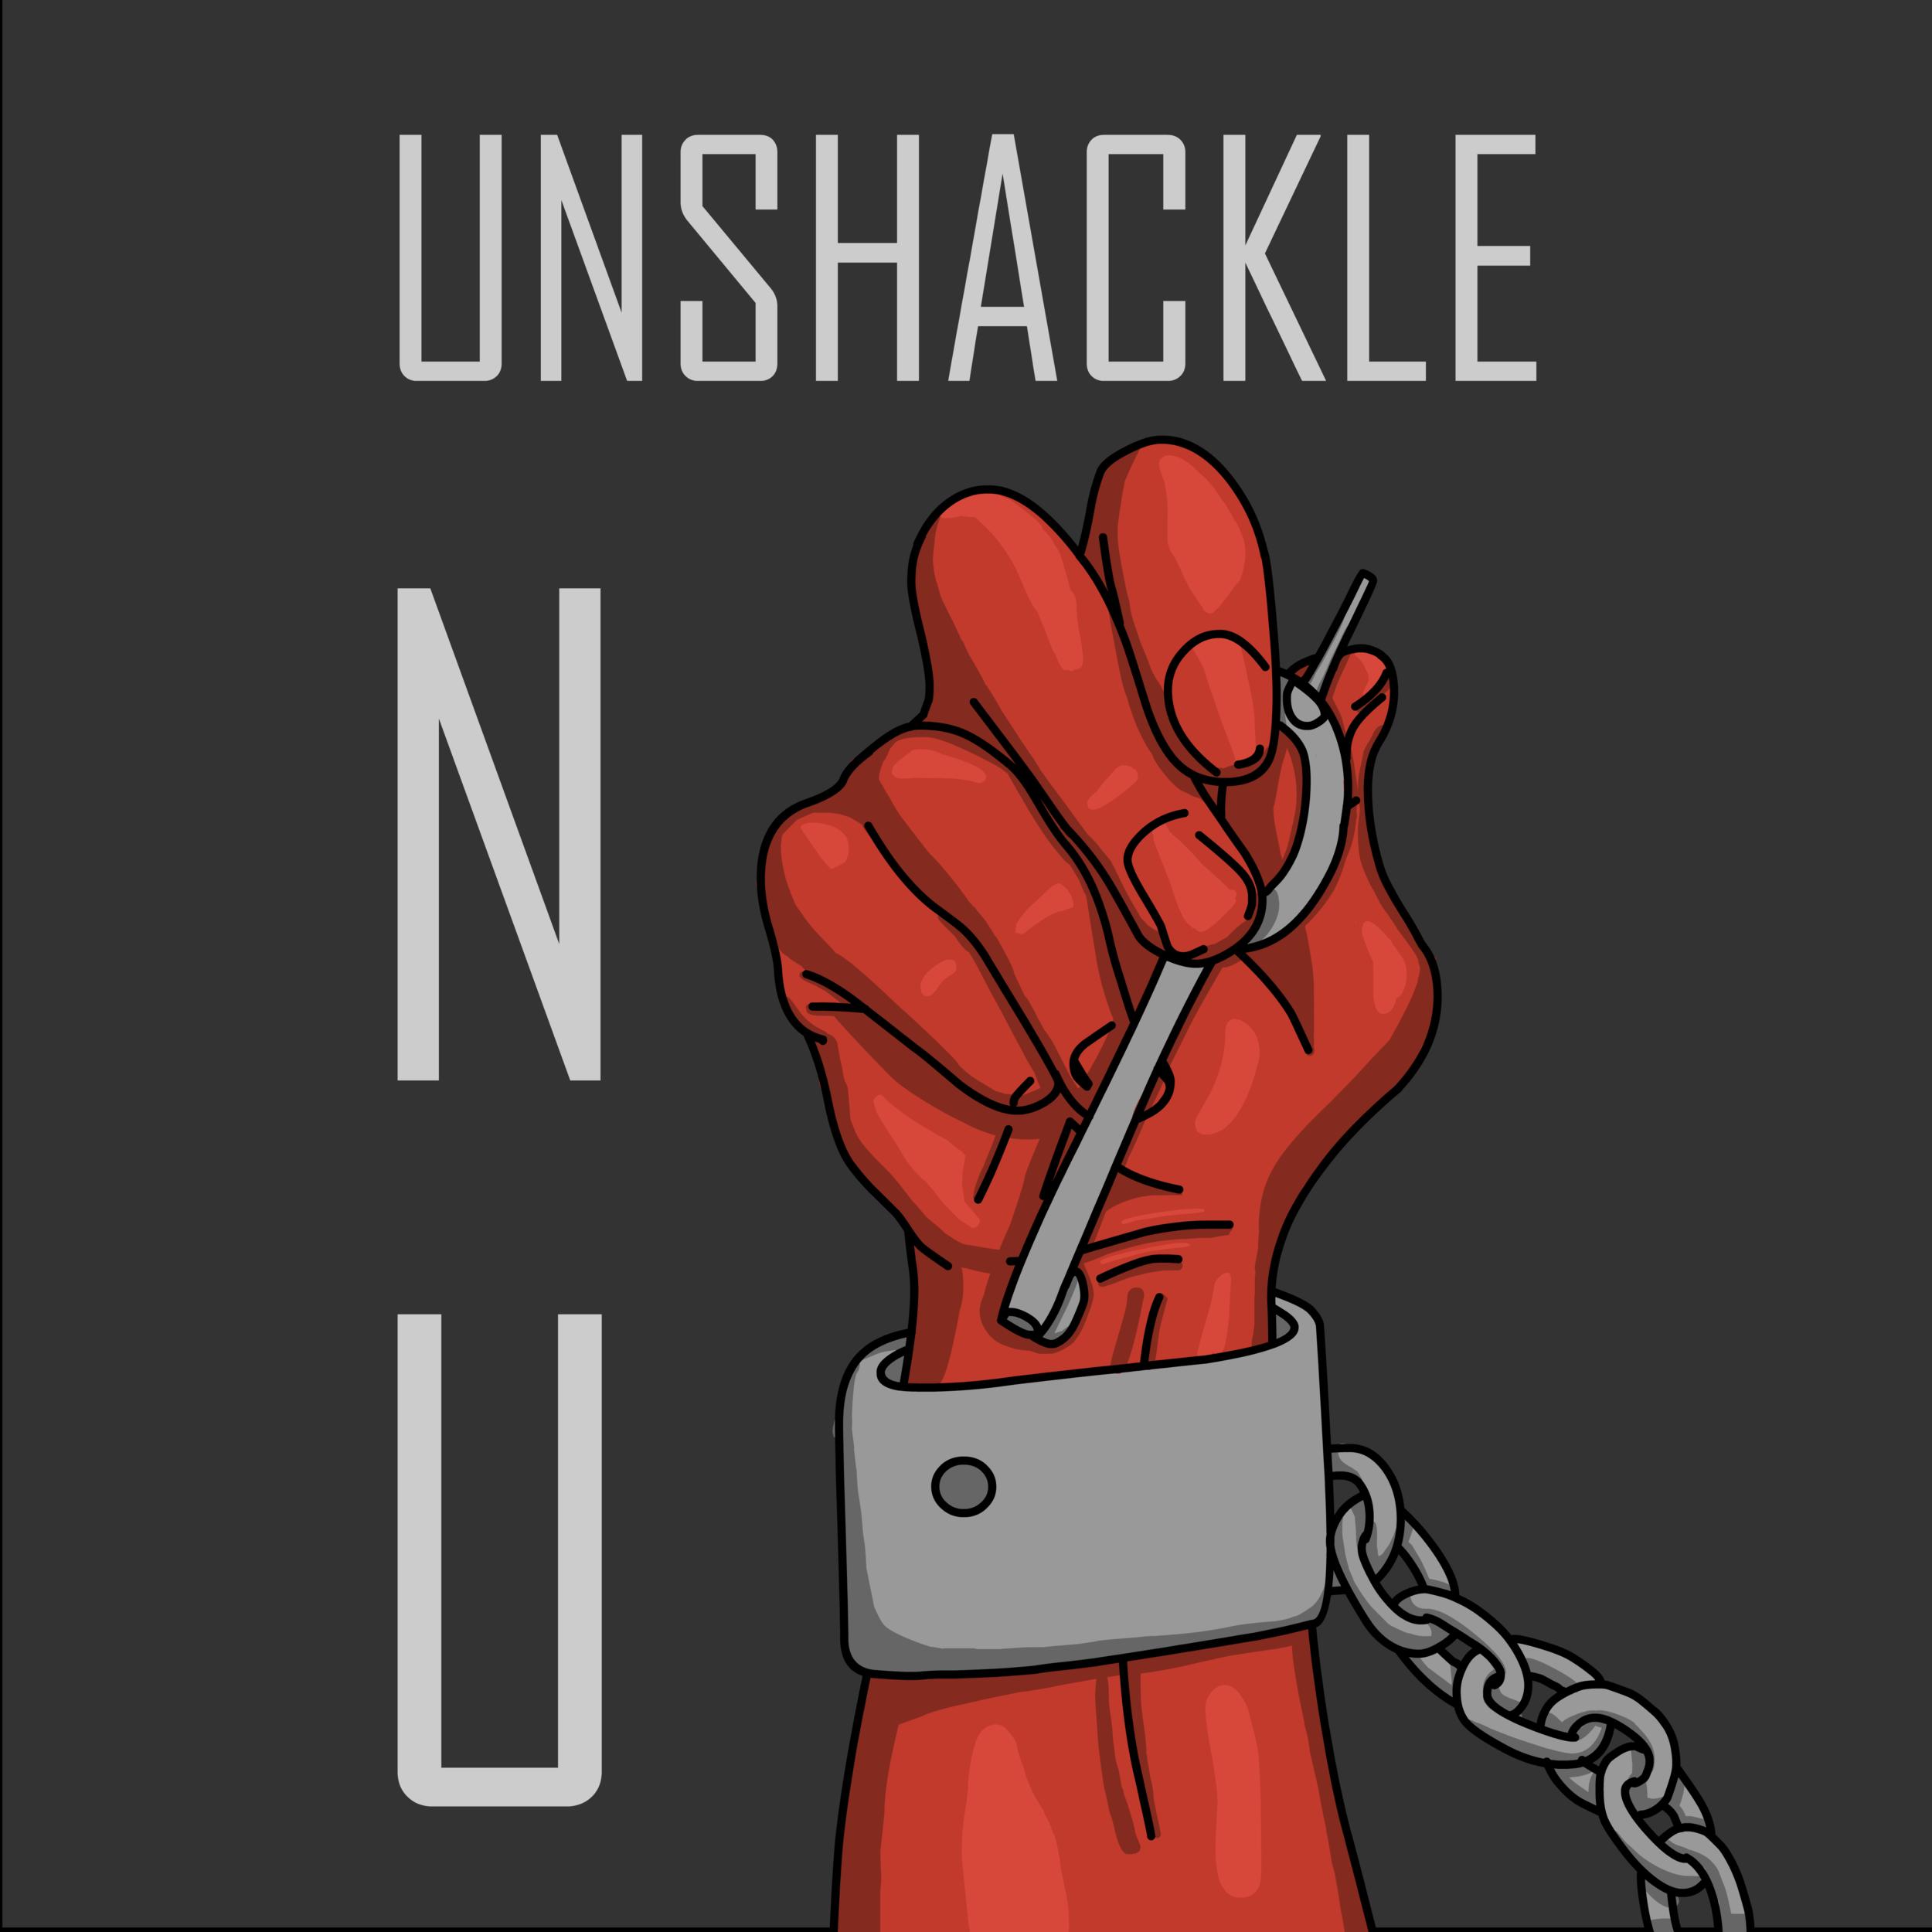 Unshackle NU Prison Divest Campaign